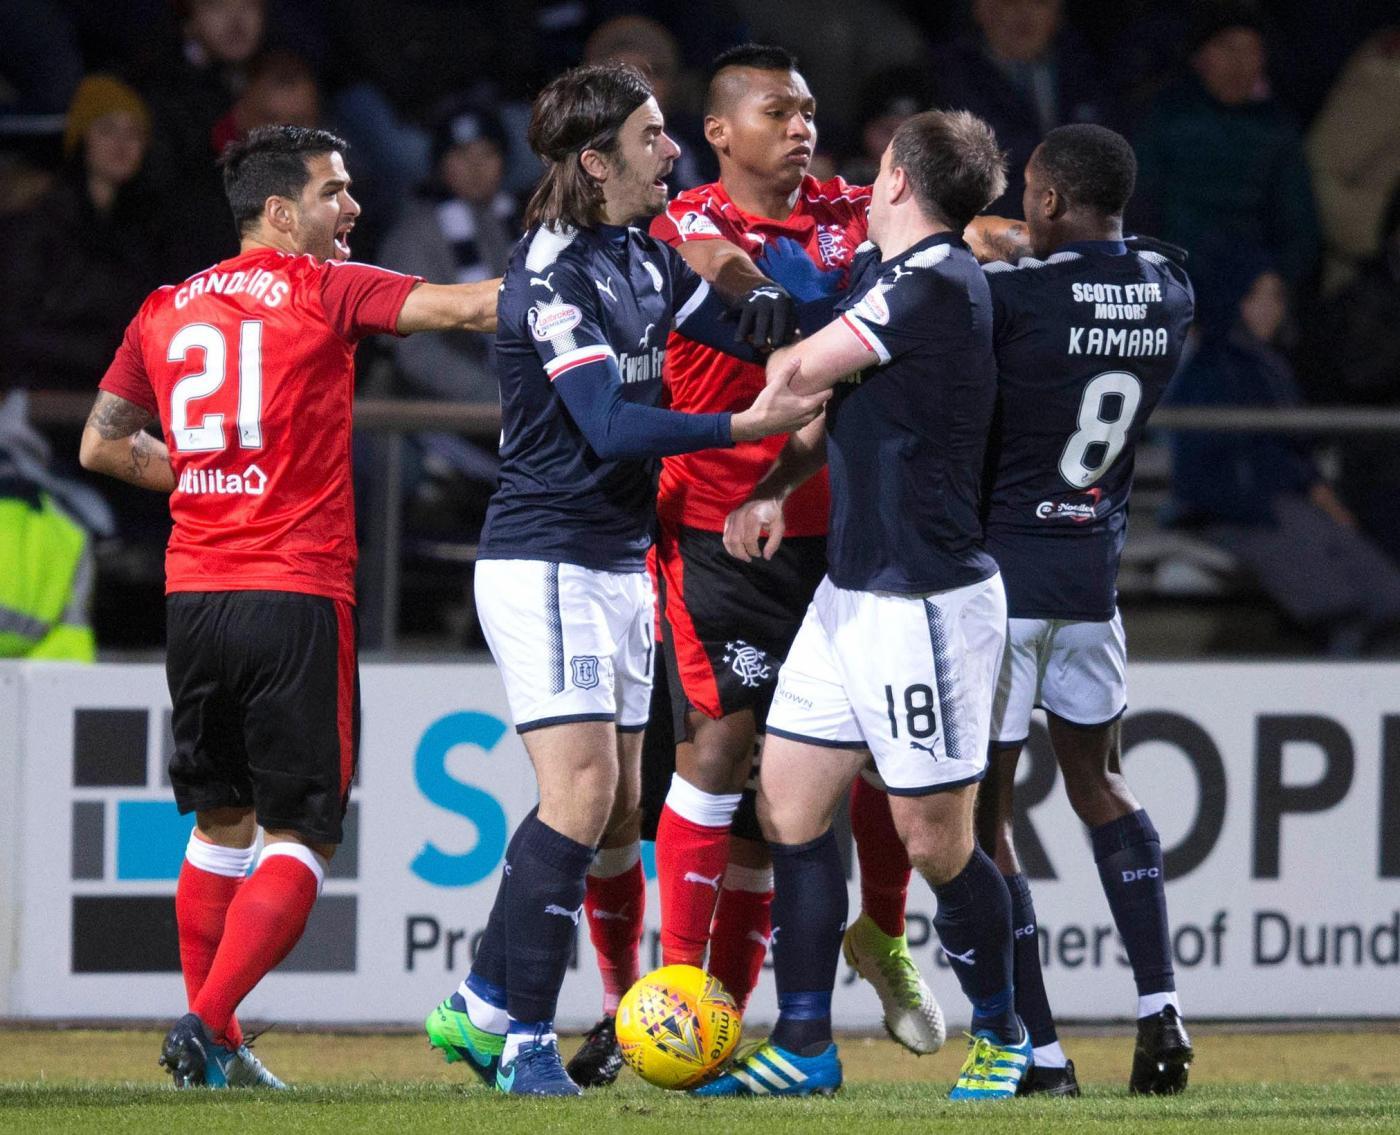 Scozia Premiership, Saint Mirren-Dundee United 26 maggio: analisi e pronostico dello spareggio per la massima divisione scozzese